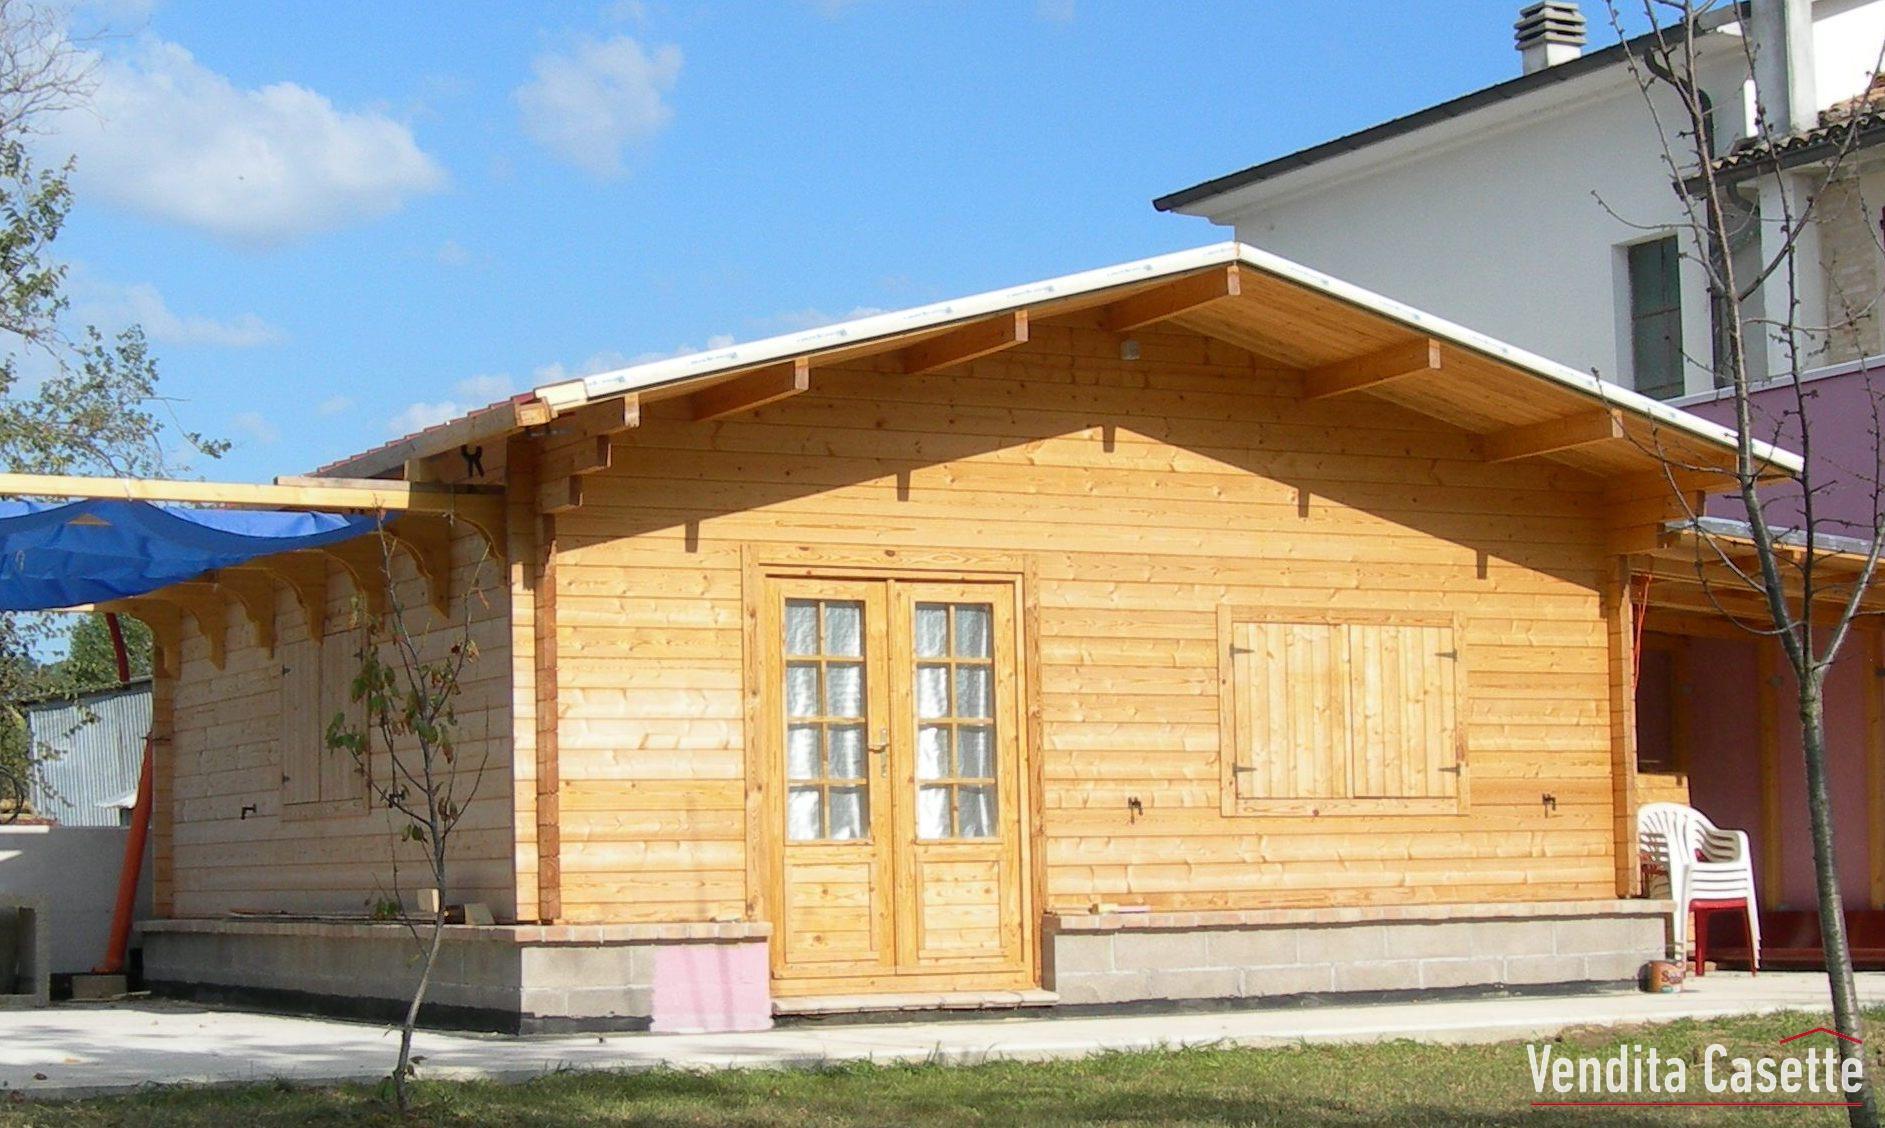 Casetta in legno mod ravenna for Casette prefabbricate in legno